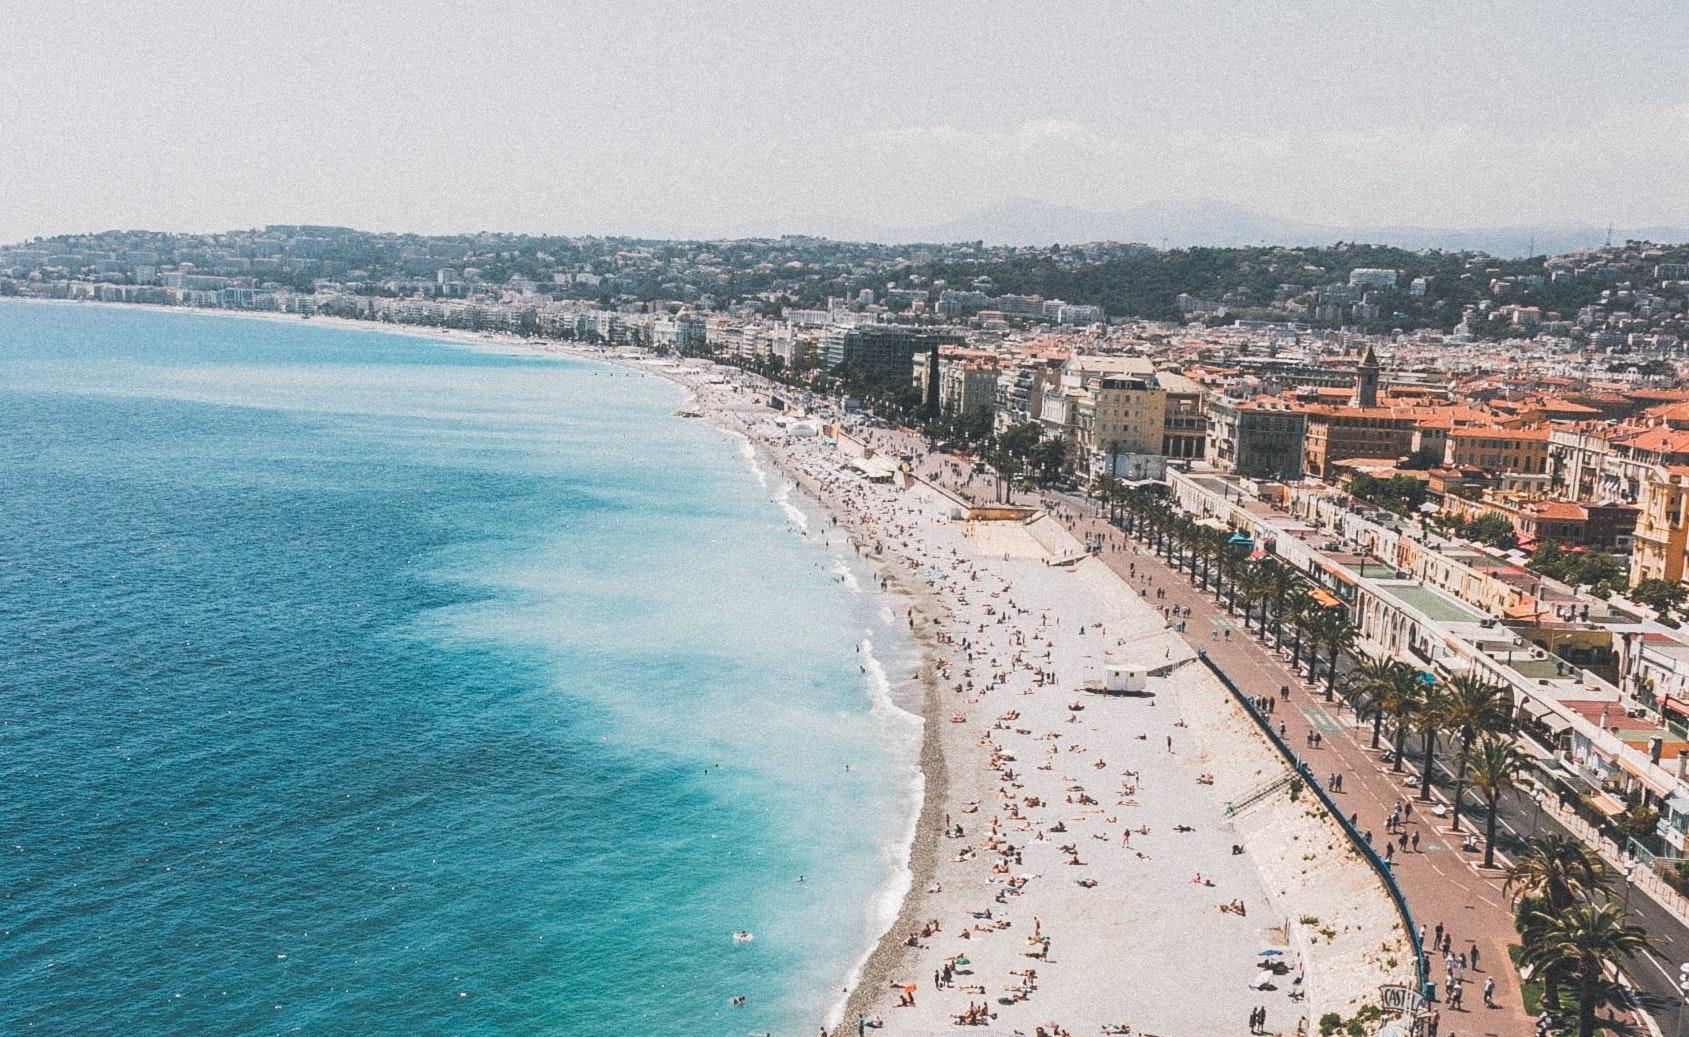 Strand in Nice, Frankrijk